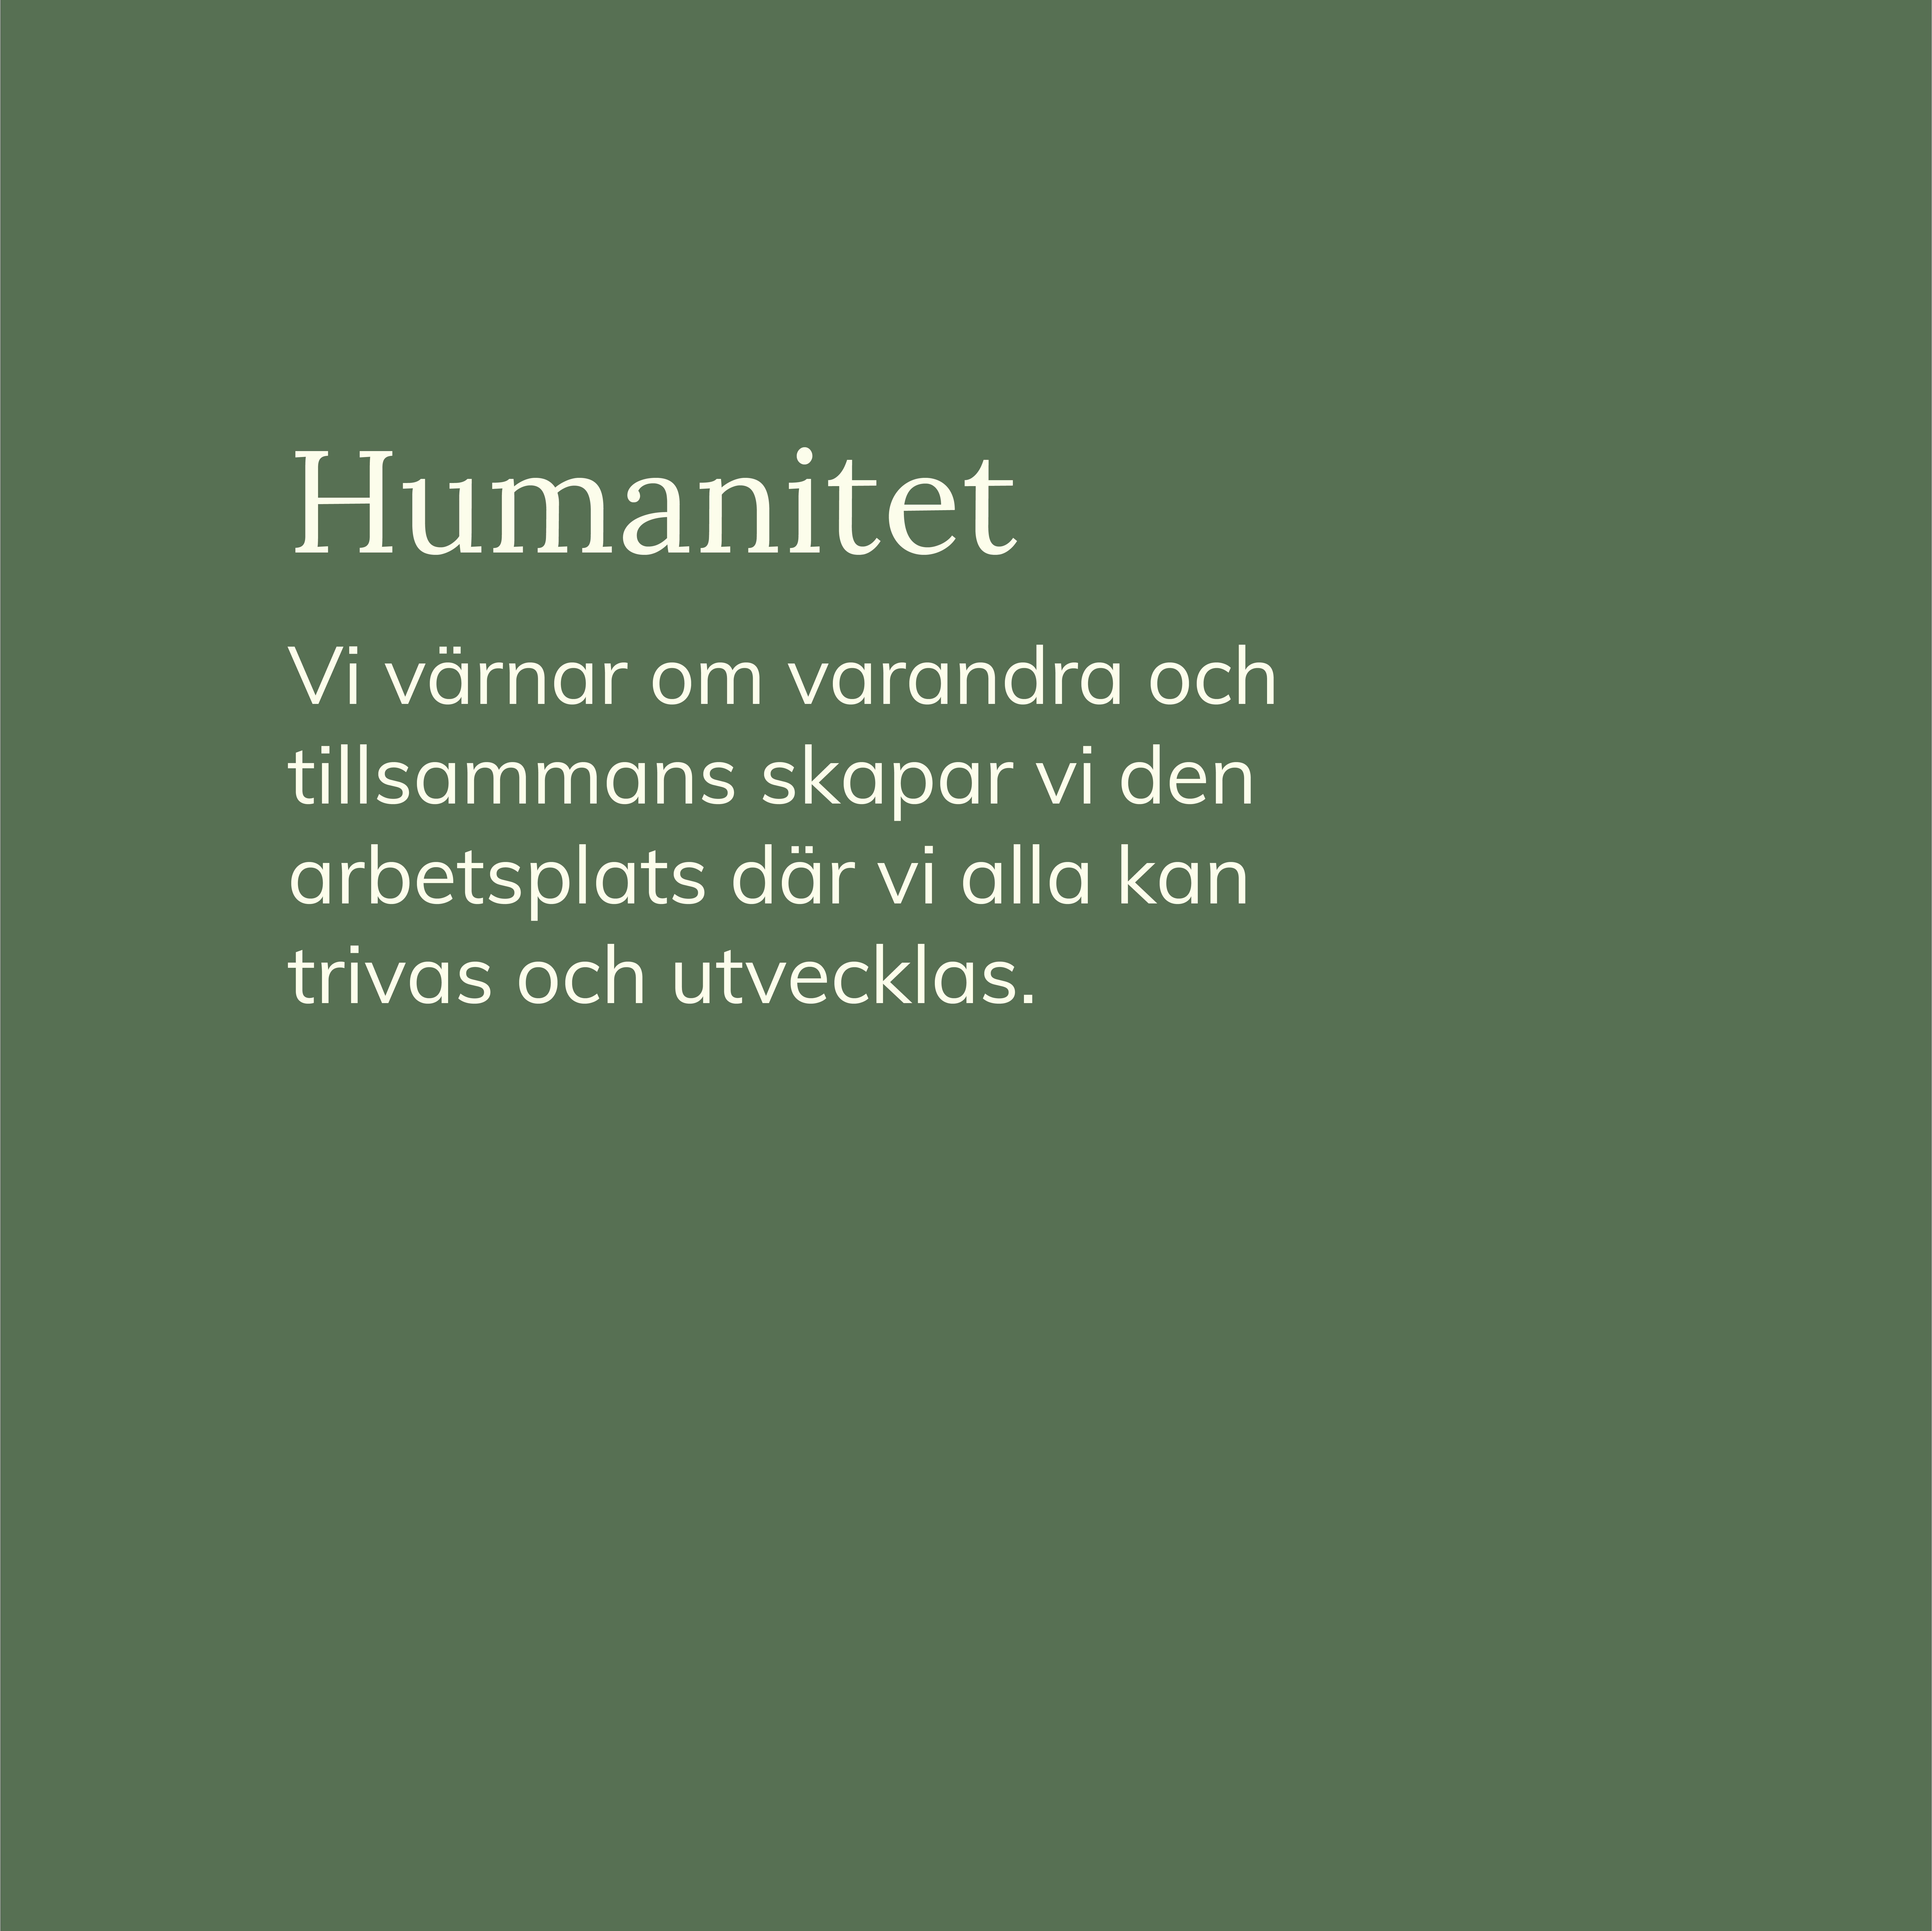 värderingar-humanitet-01